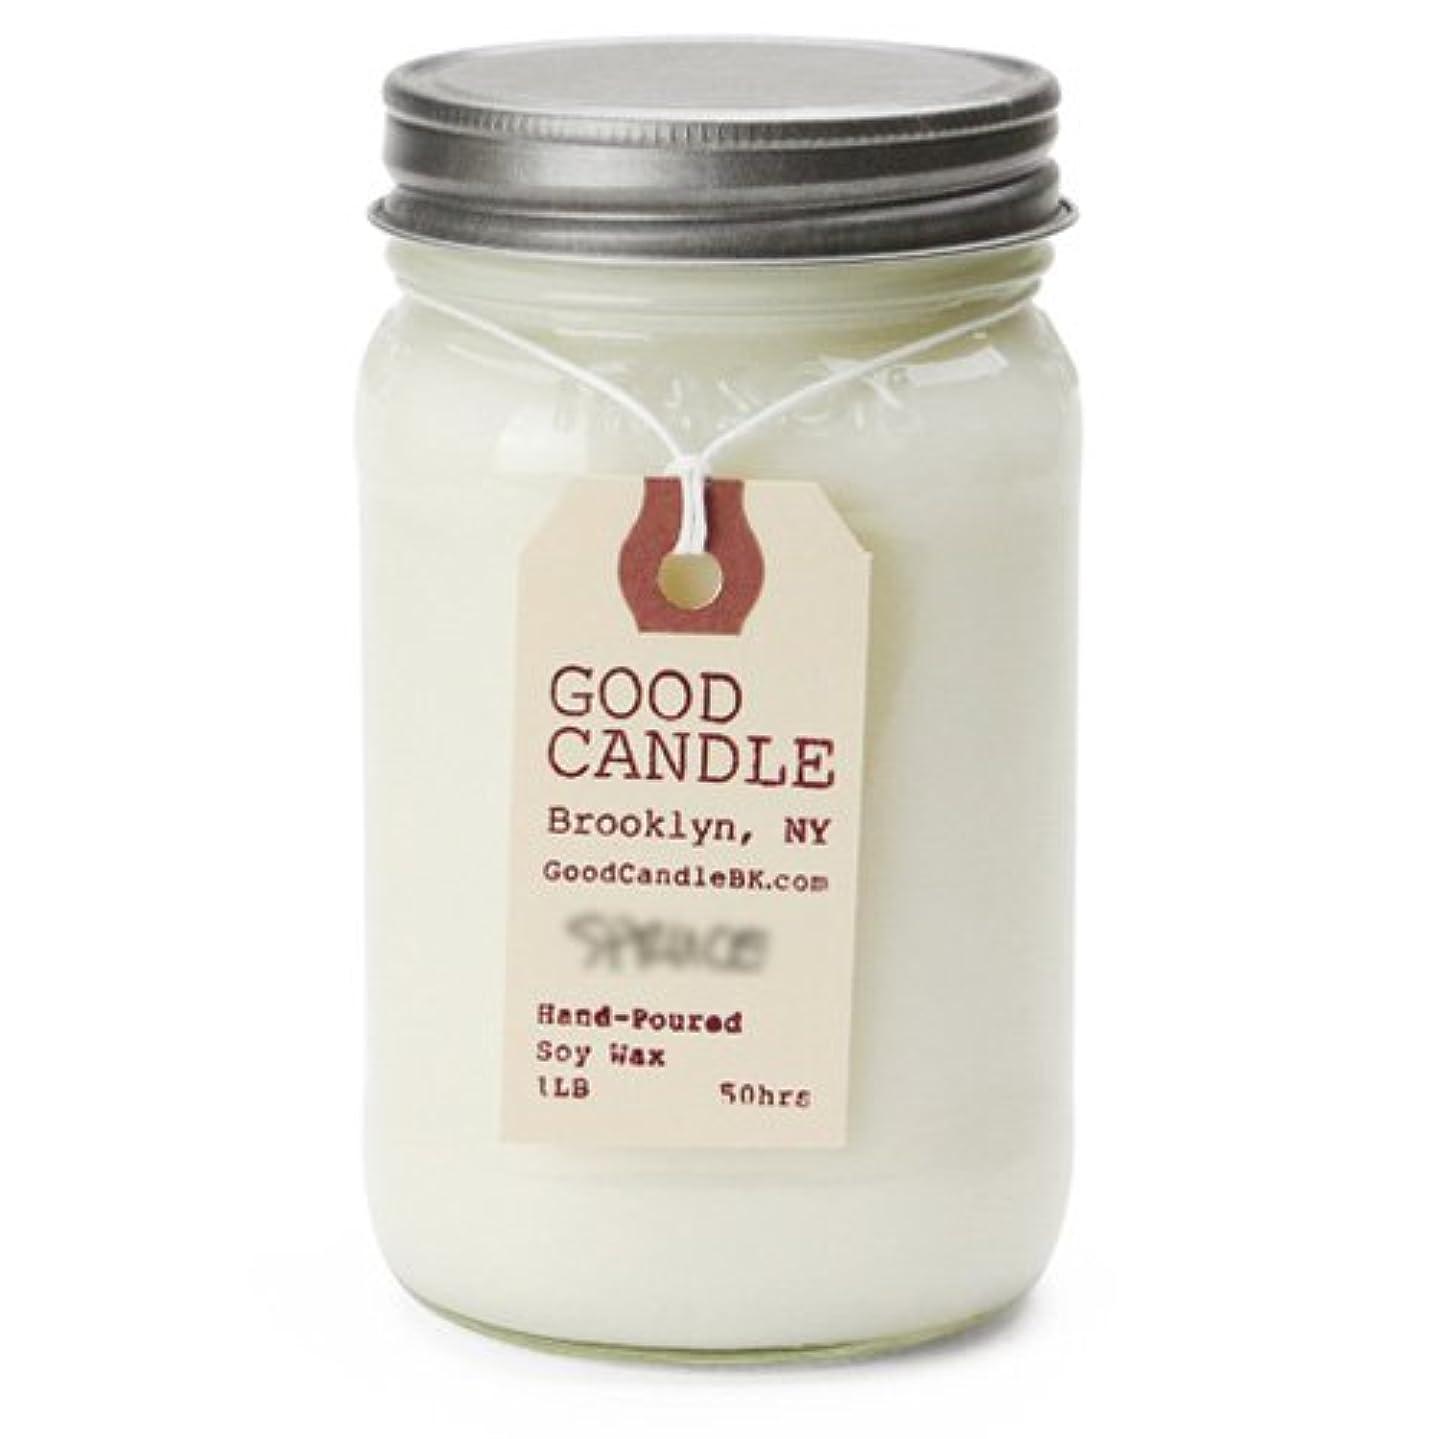 フルーツ野菜葉巻戻すグッドキャンドル 1ポンド メイソンジャー キャンドル Good Candle 1LB Mason jar candle [ Fig ] 正規品